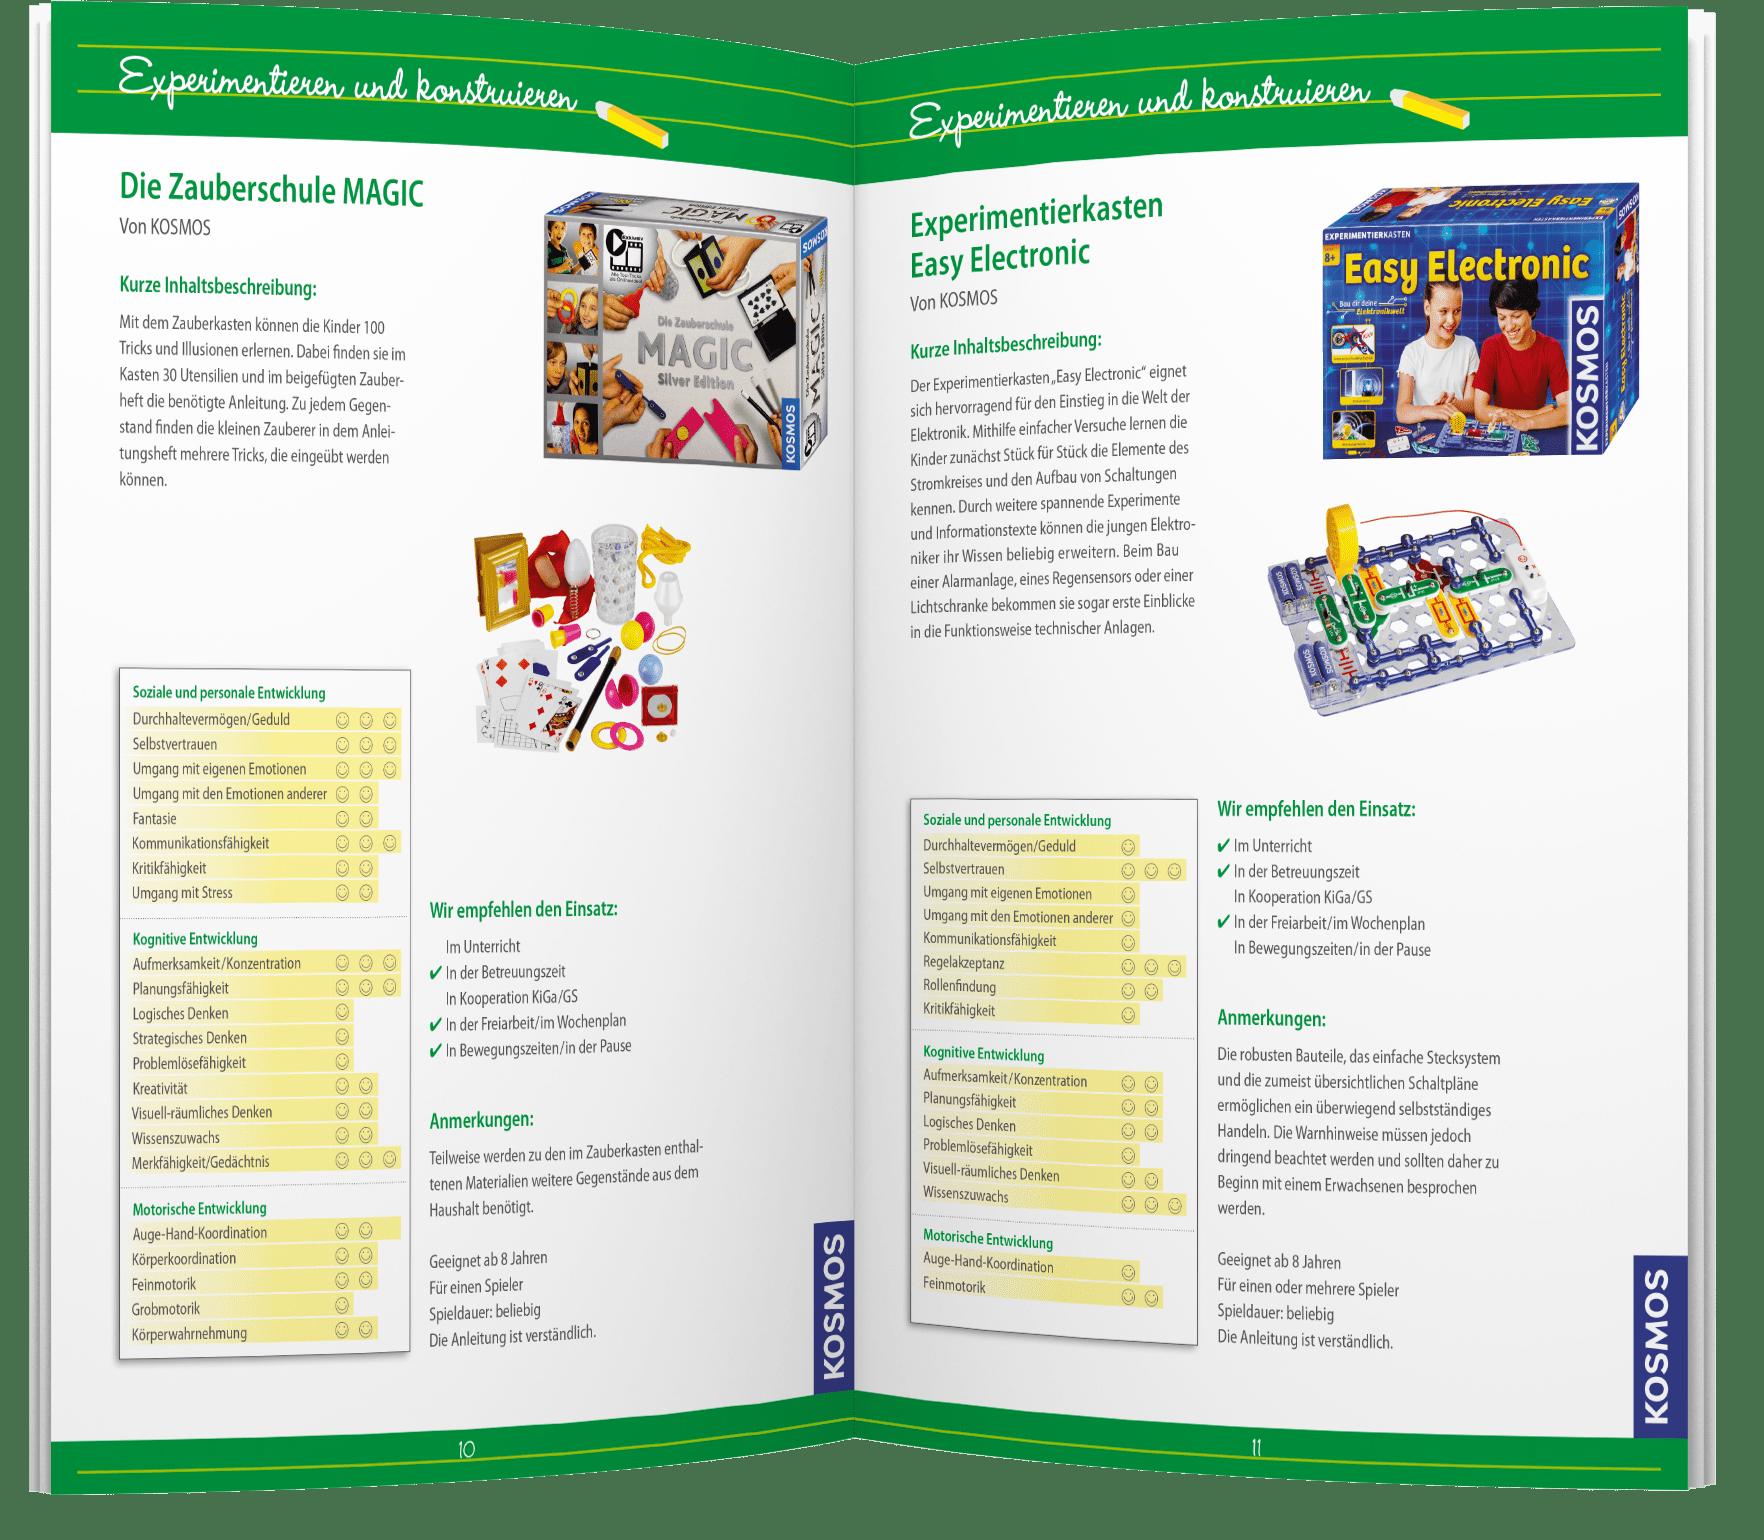 Großzügig Haushalts Schaltplan Fotos - Die Besten Elektrischen ...